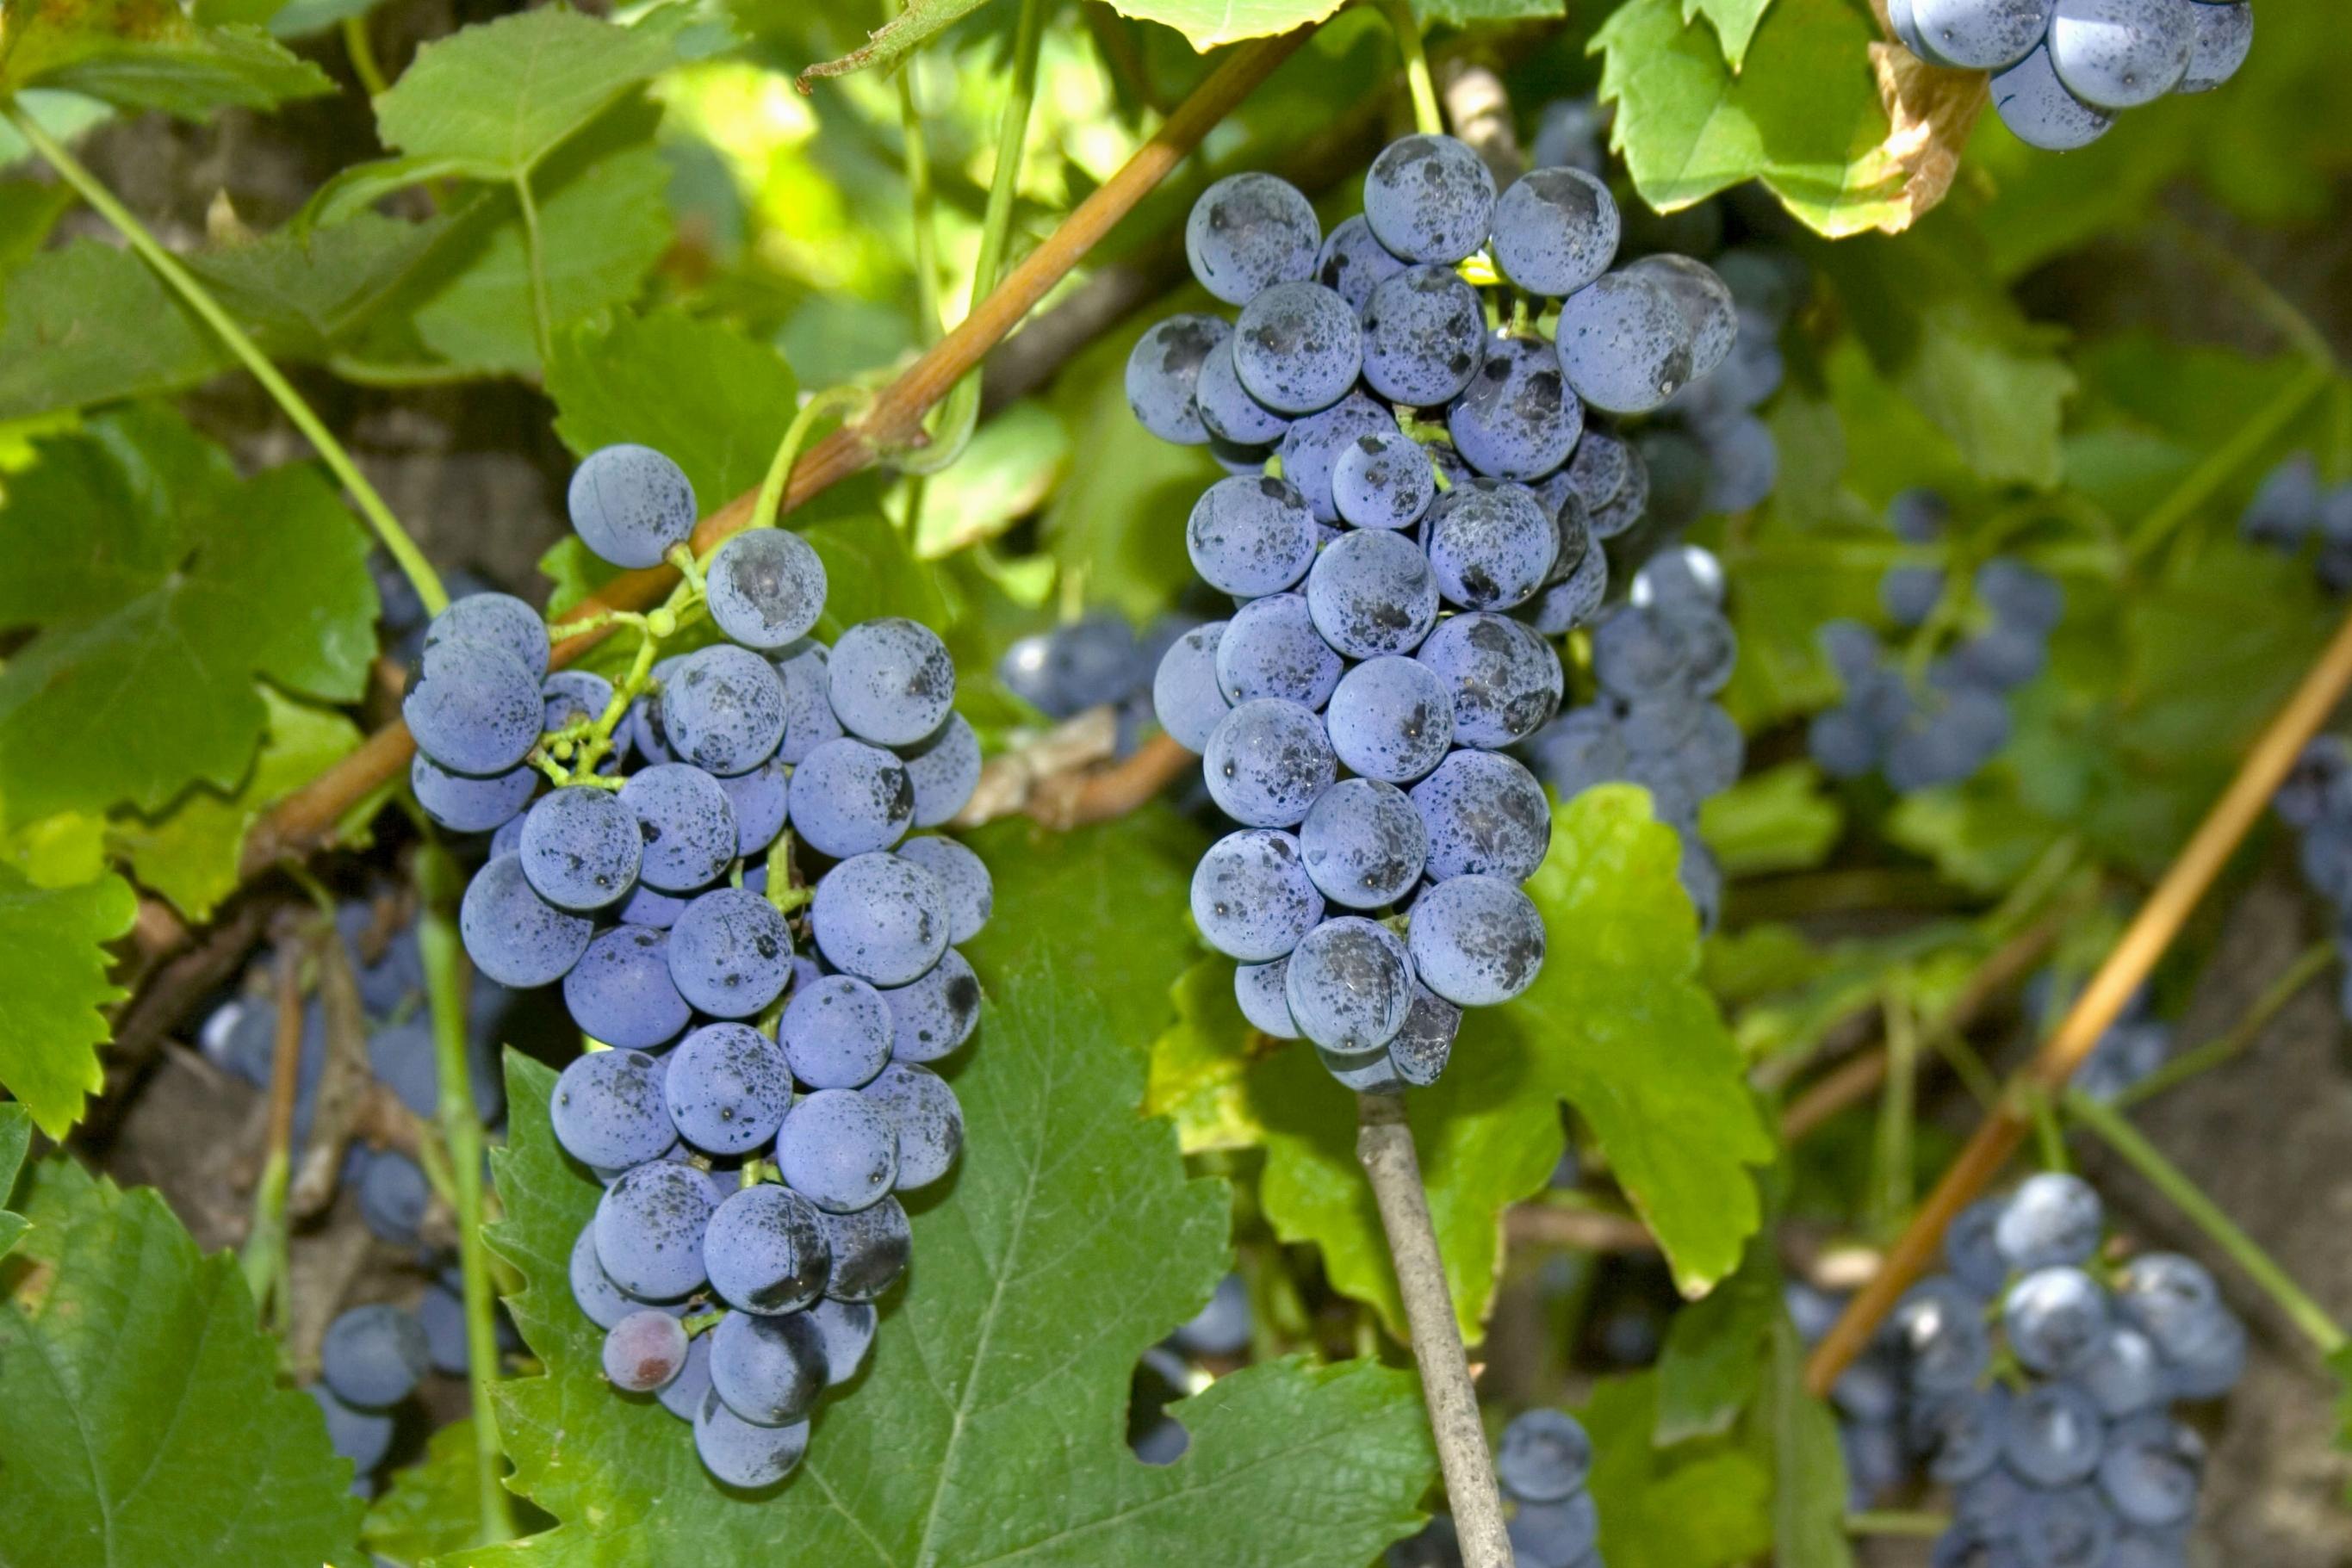 Uva fragola vite caratteristiche dell 39 uva fragola for Piante fragola vendita